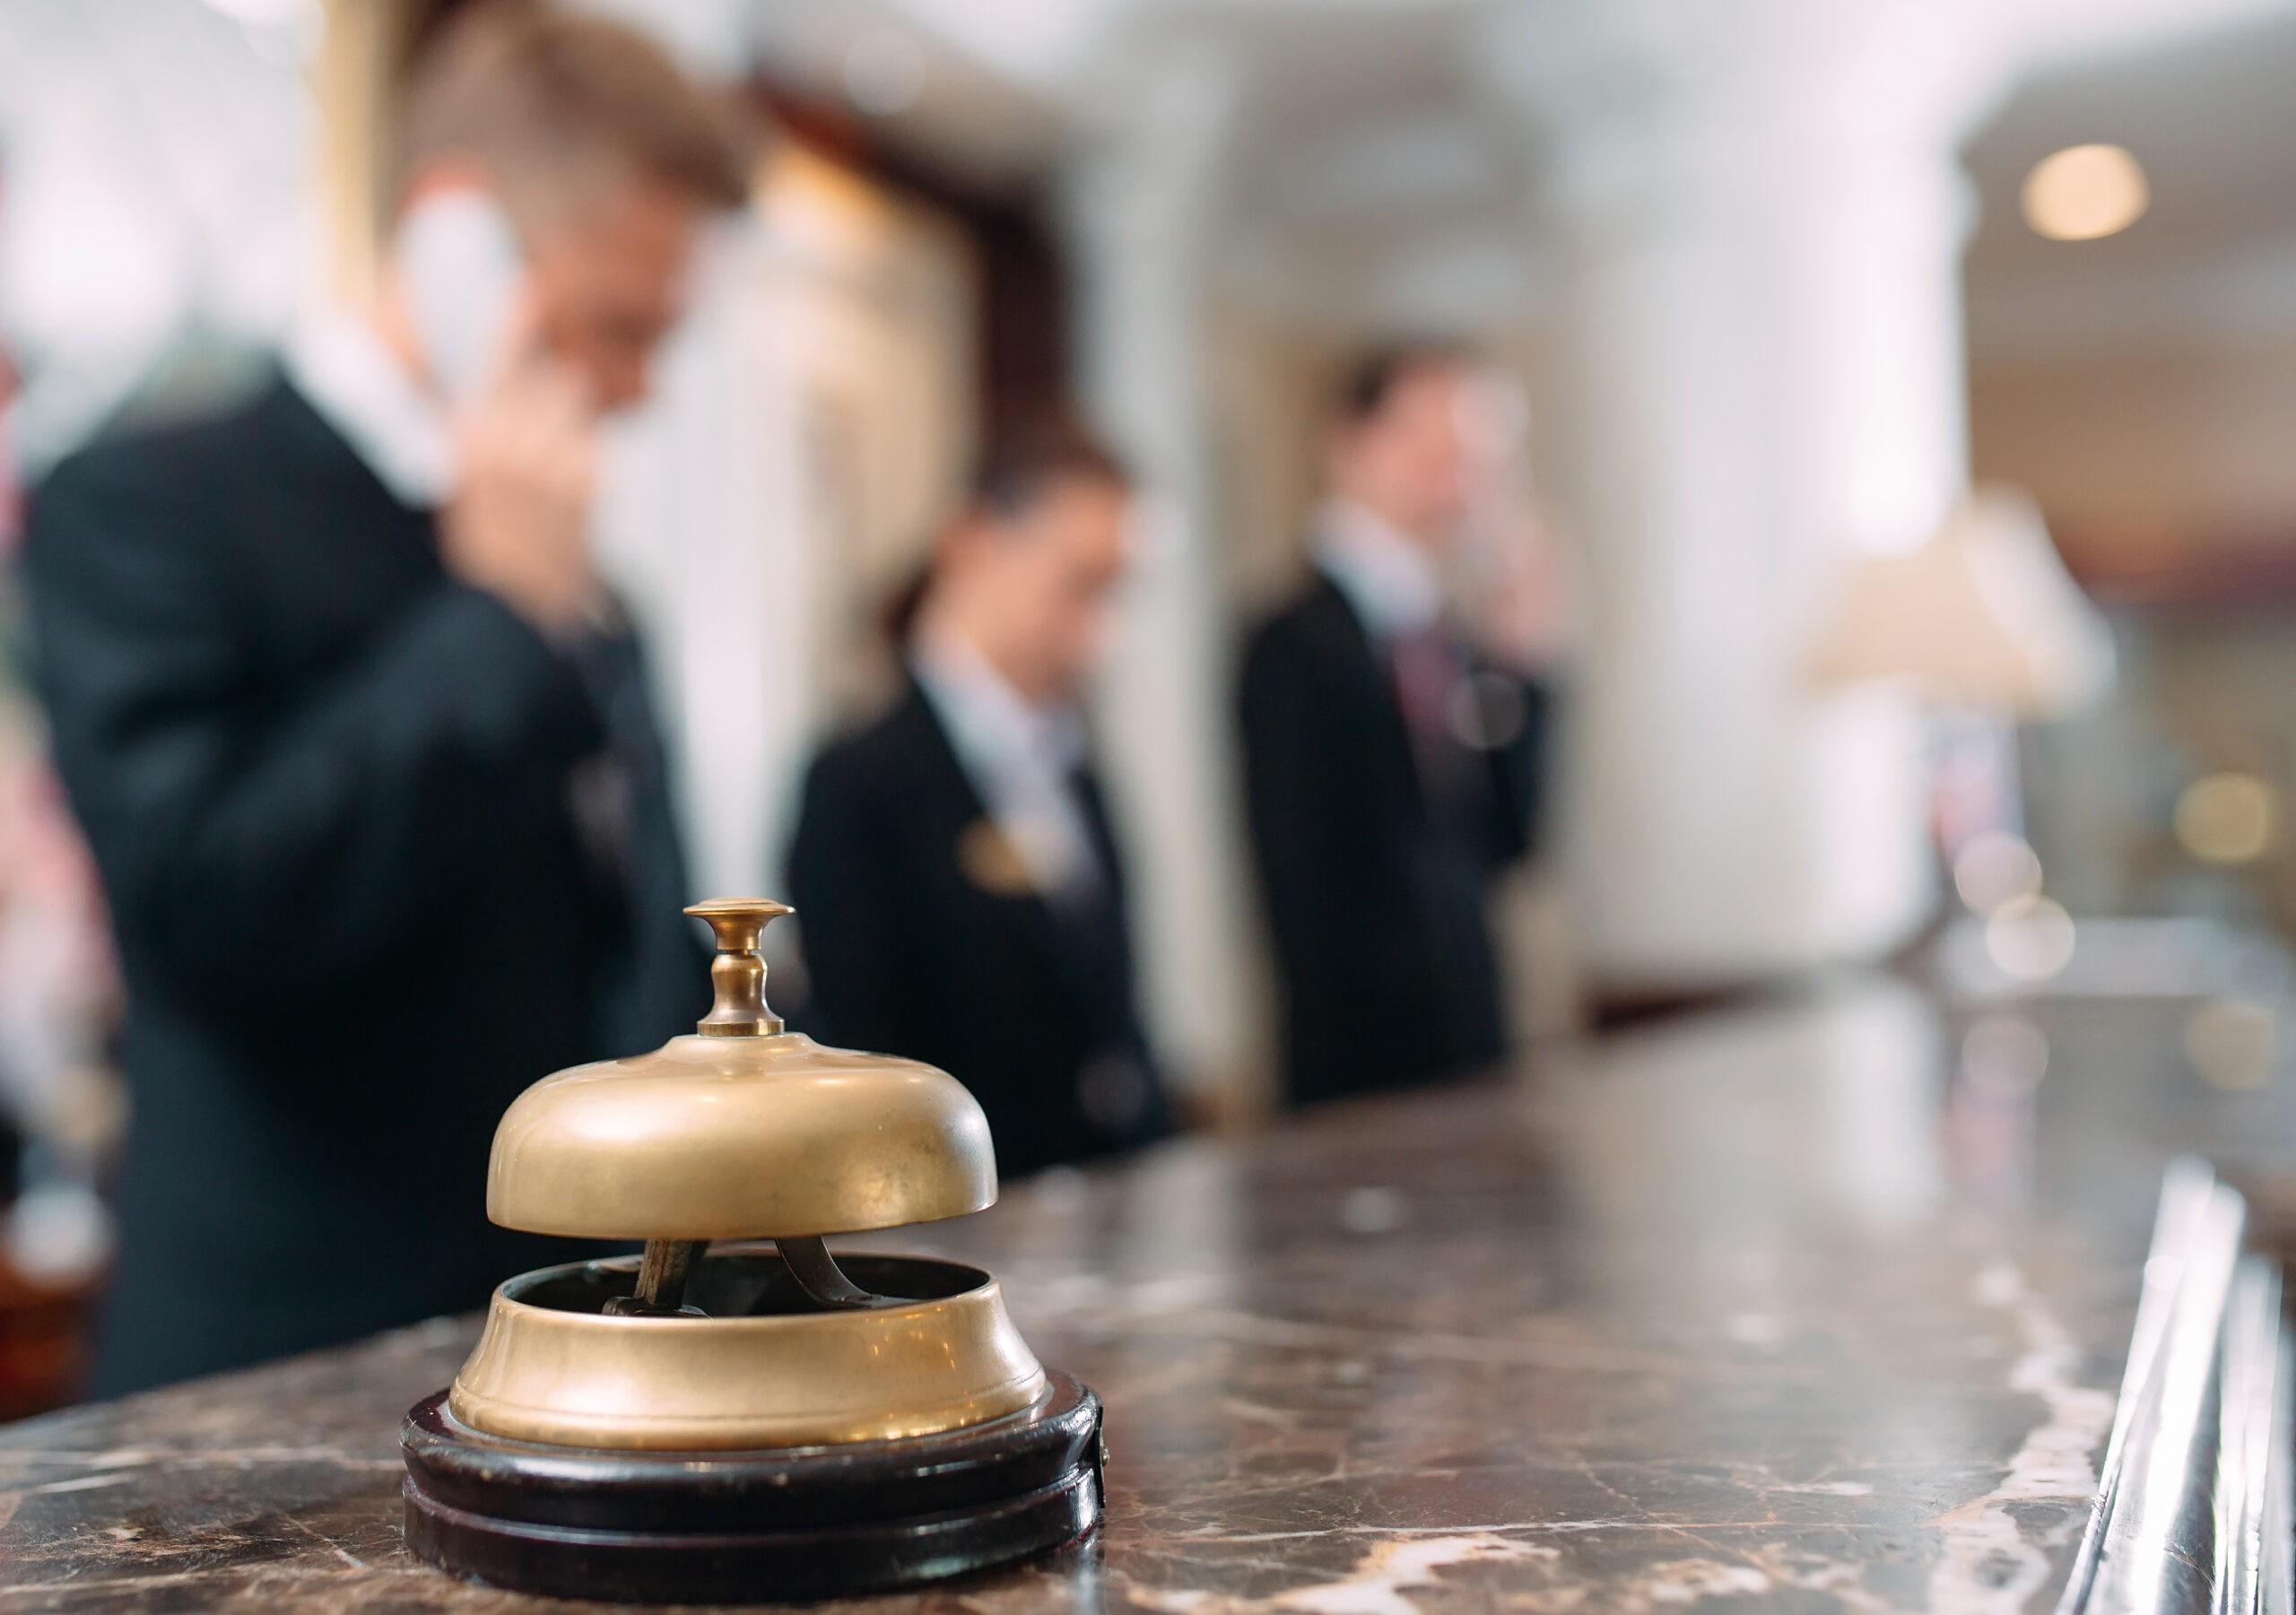 Executive Hotel Management